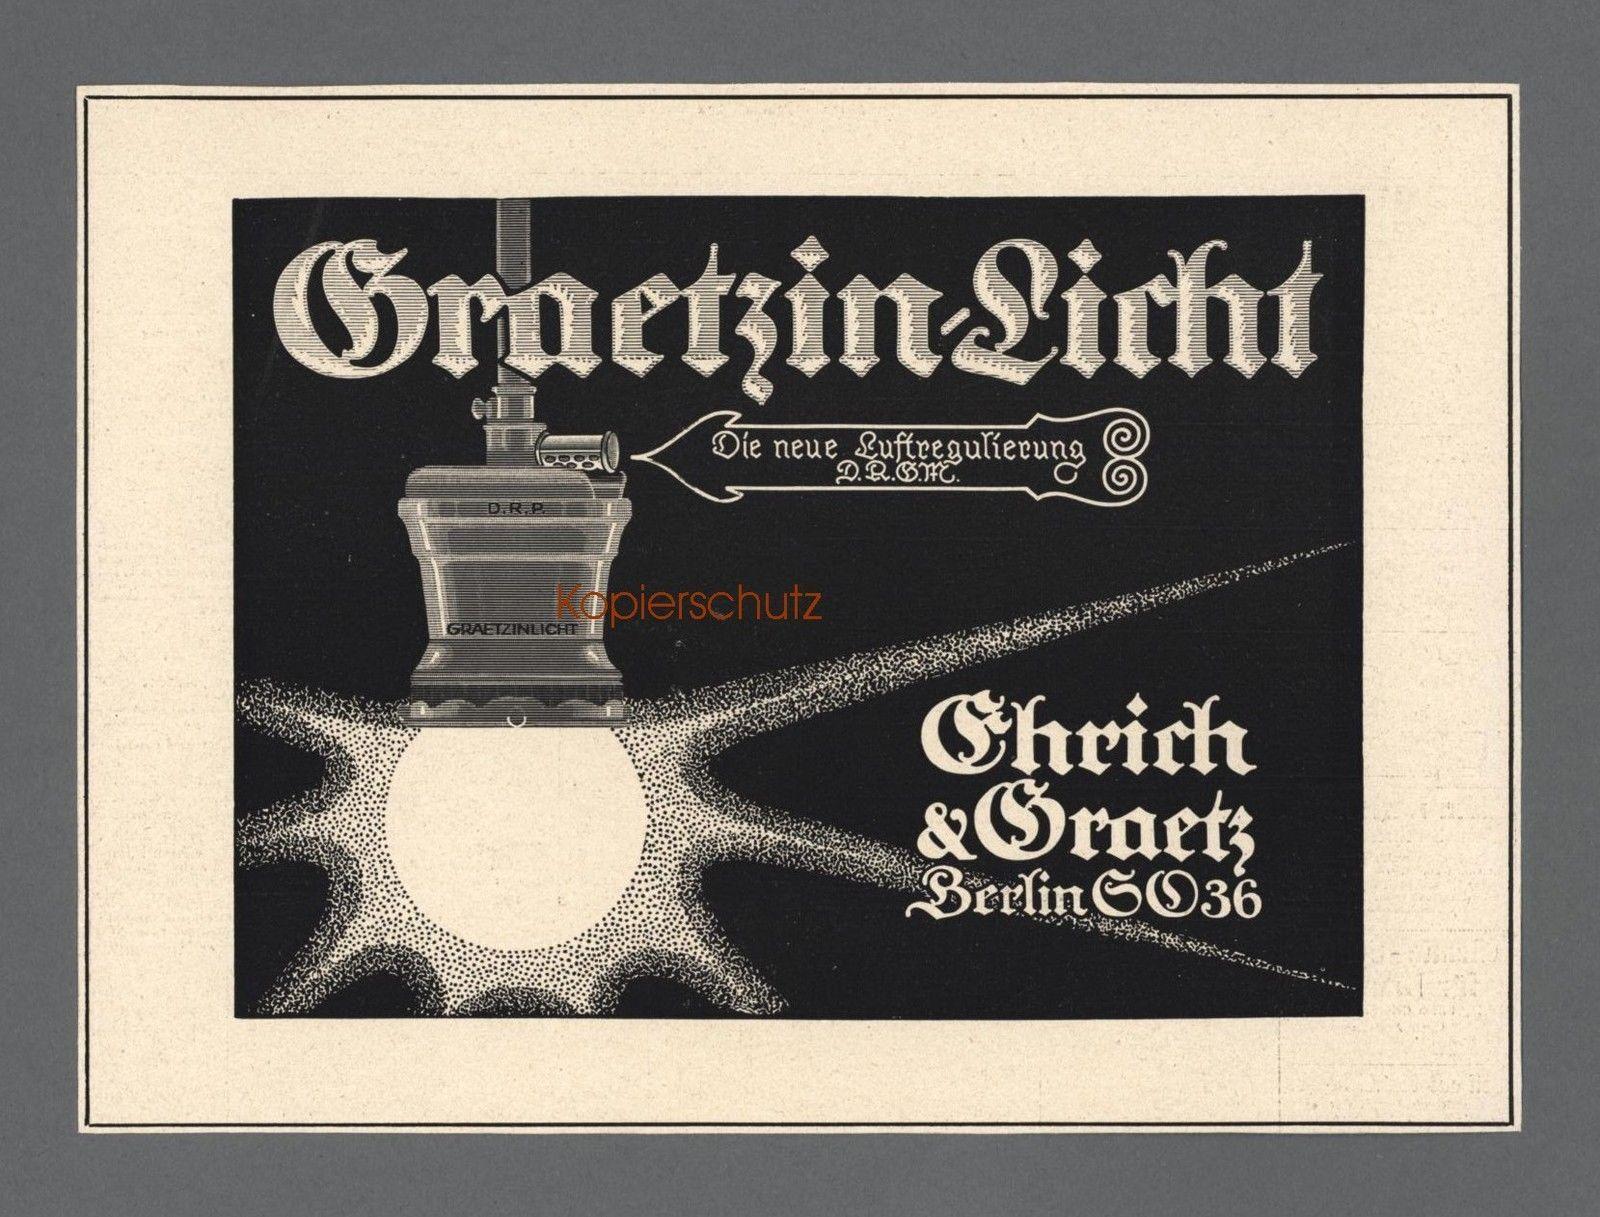 Graetzin Licht Ehrich Graetz Berlin Beleuchtung Reklame Werbung 1918